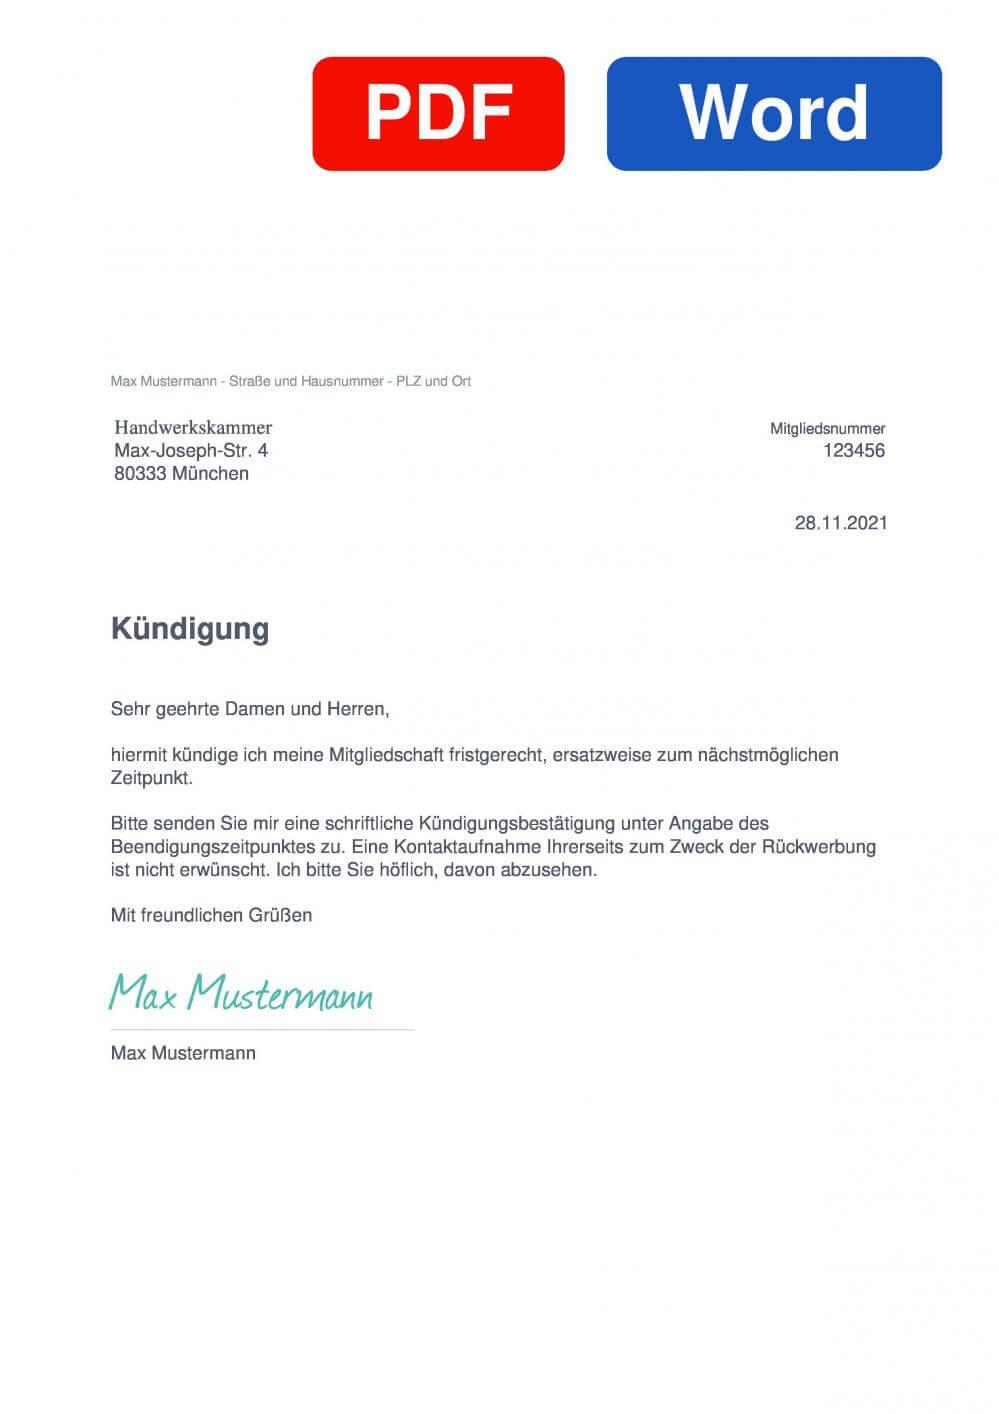 Handwerkskammer Muster Vorlage für Kündigungsschreiben